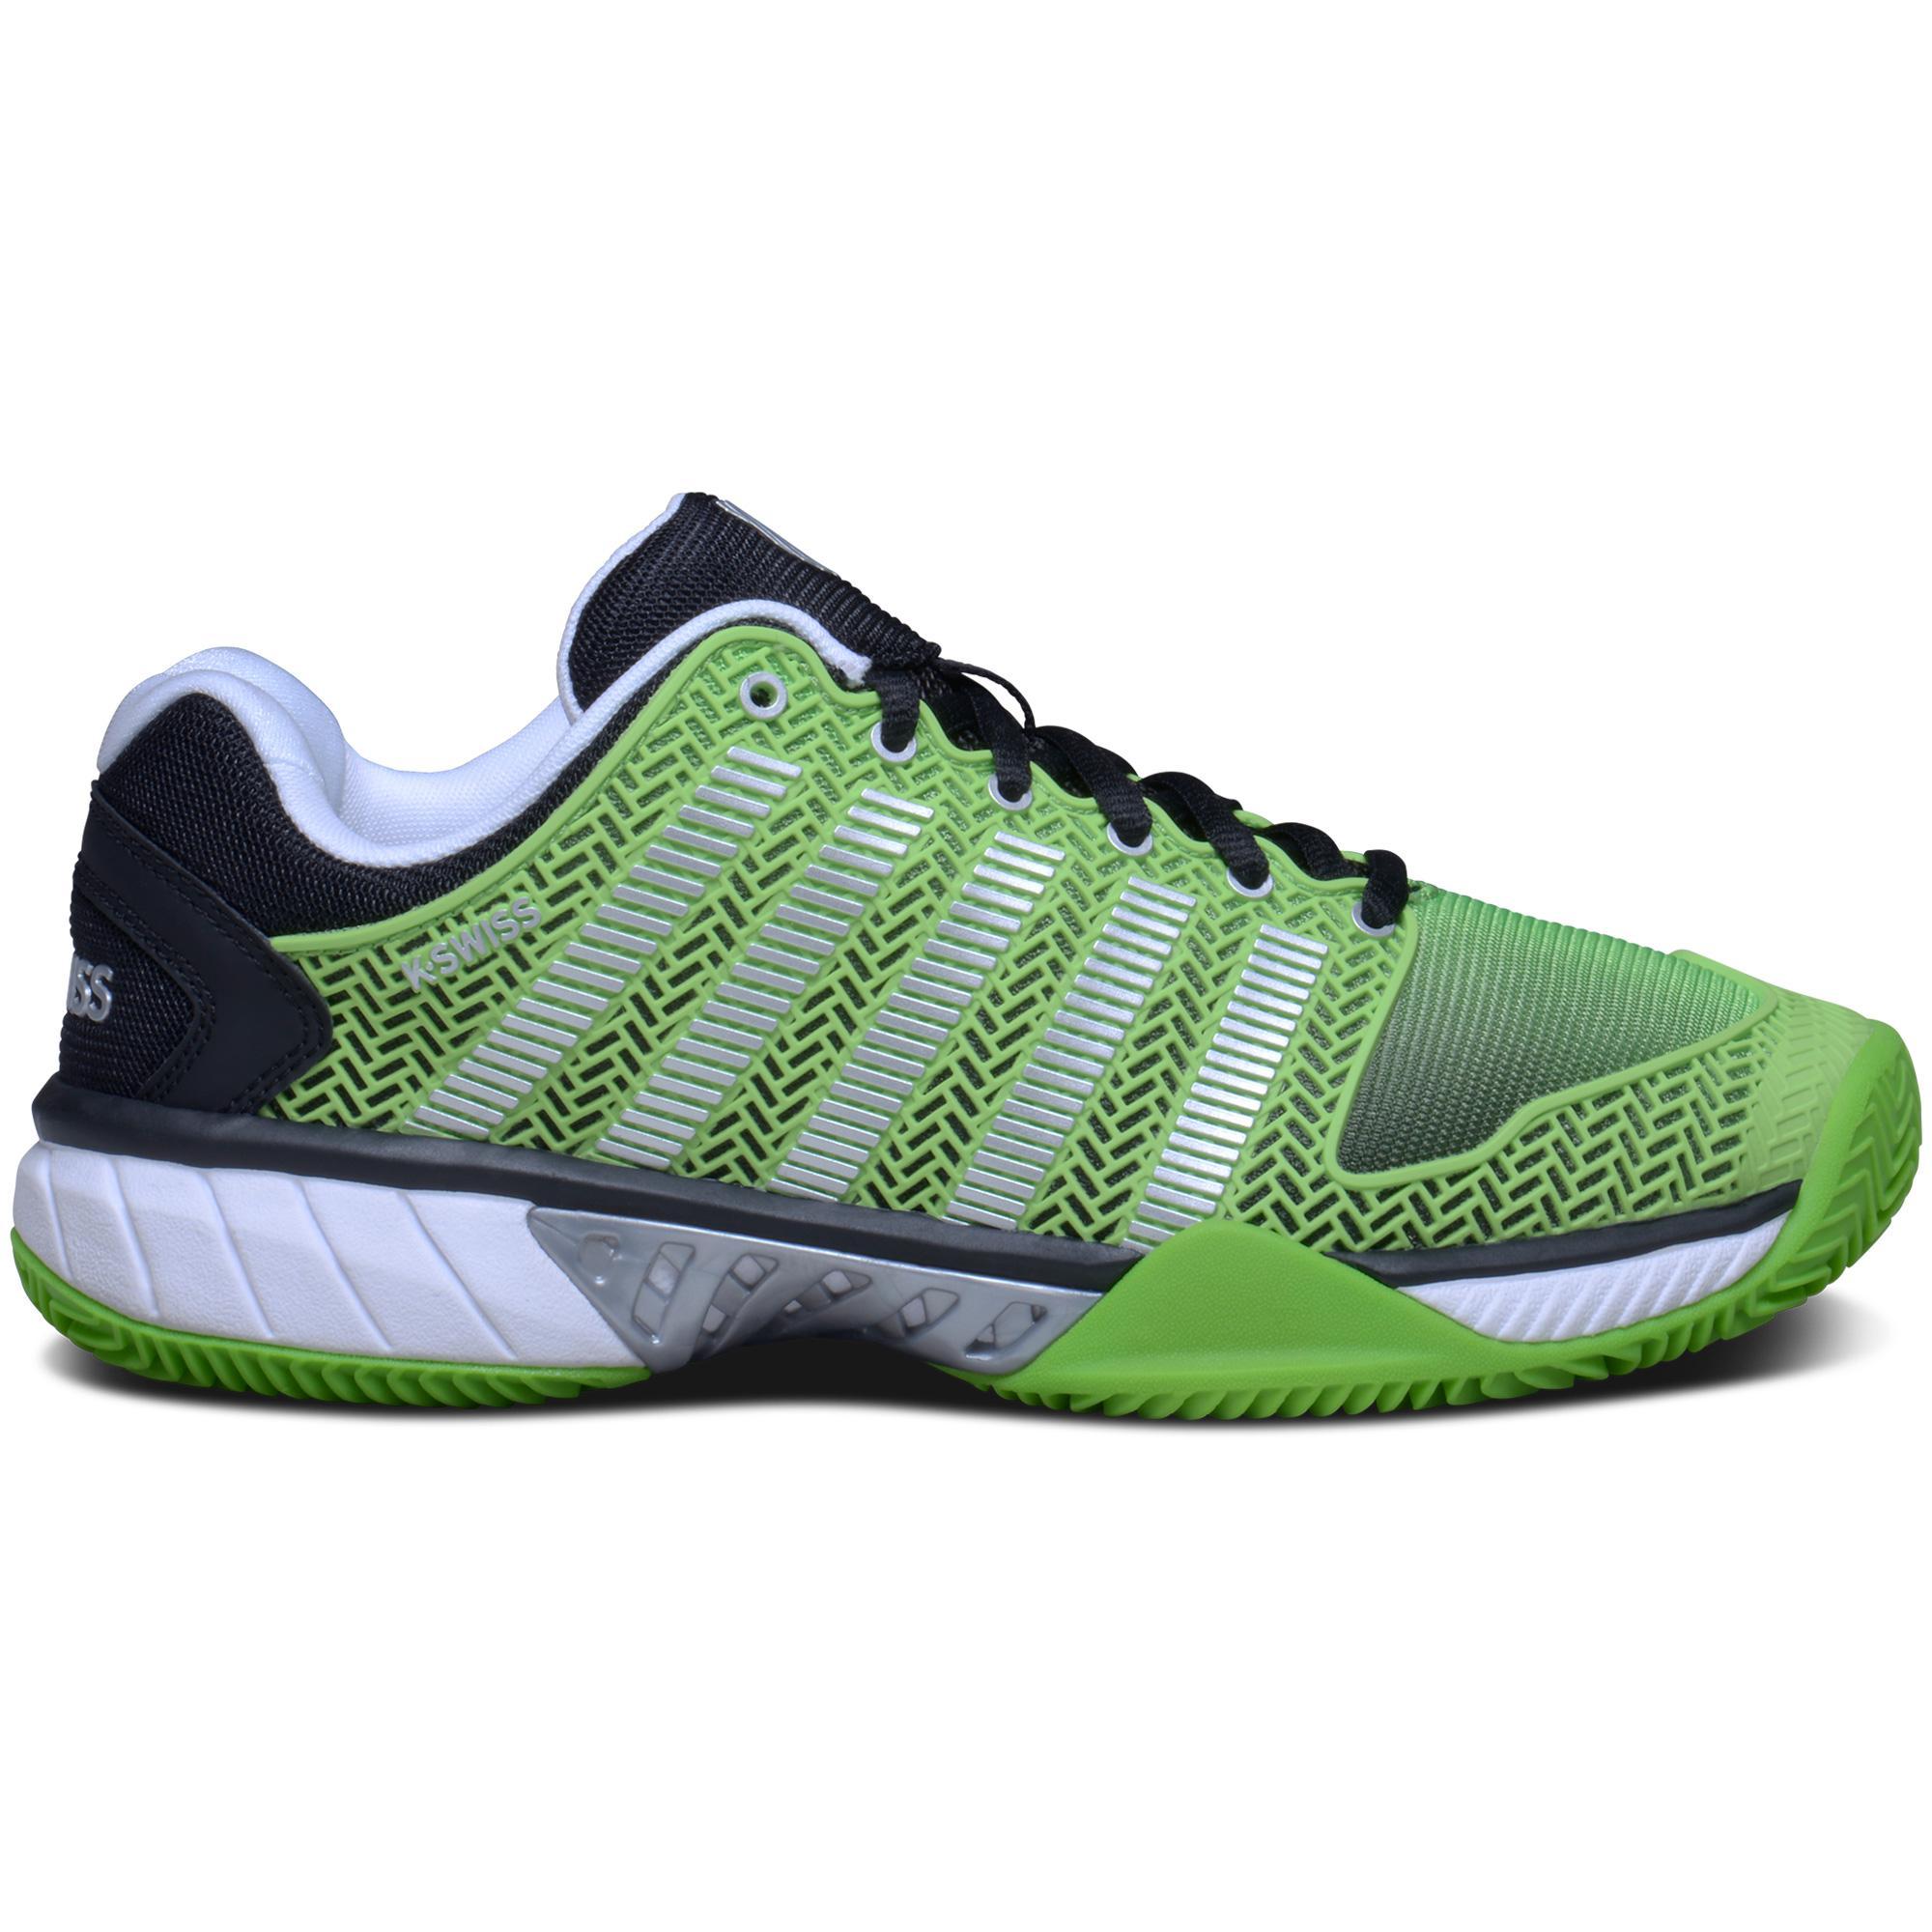 k swiss mens hypercourt express tennis shoes green black